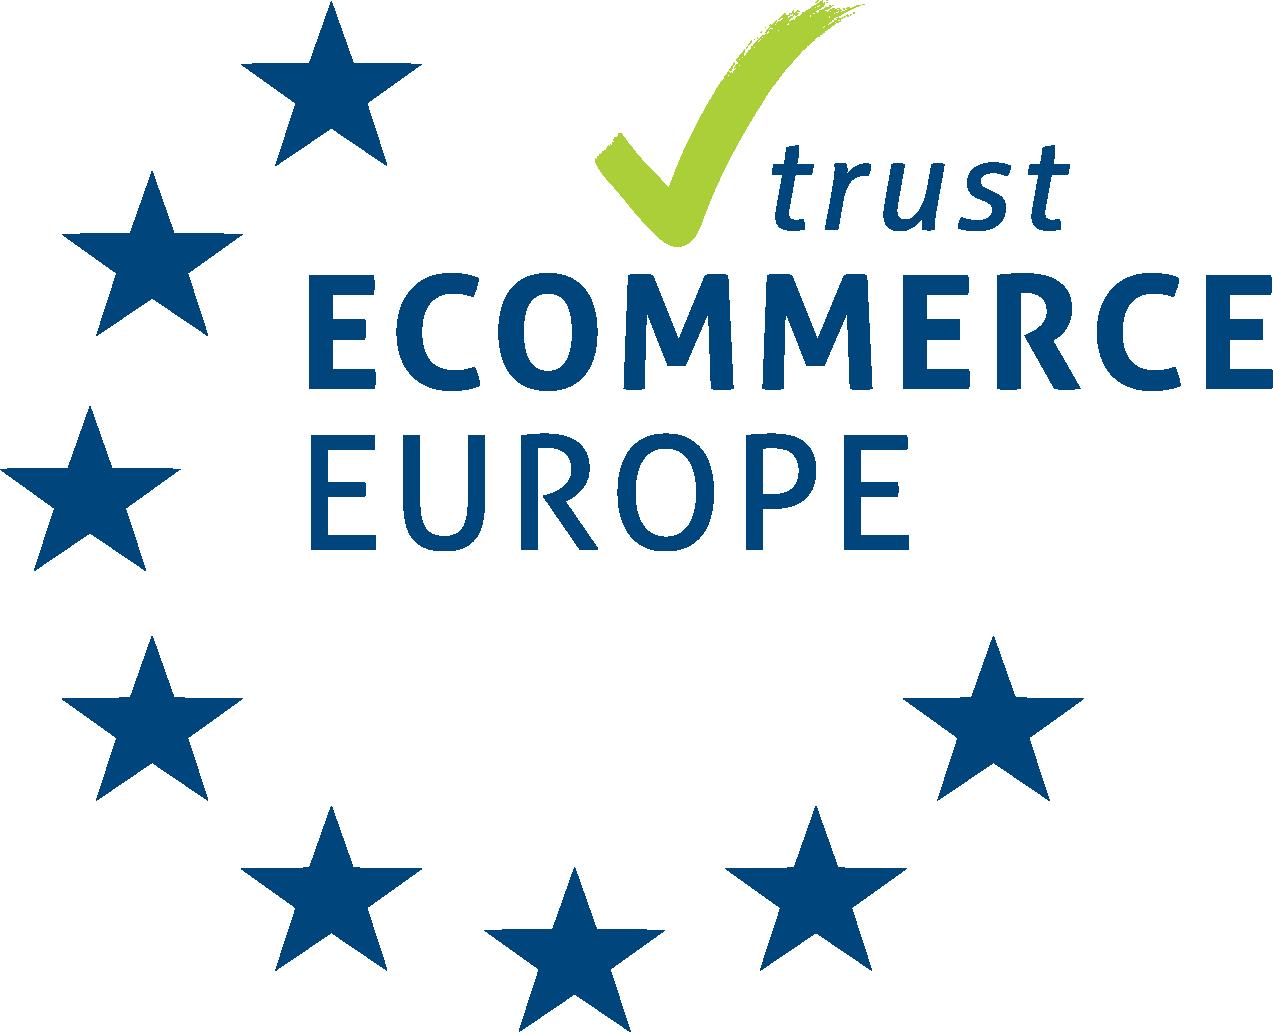 Ecommerce Europe Trustmark Kleurenwaaier